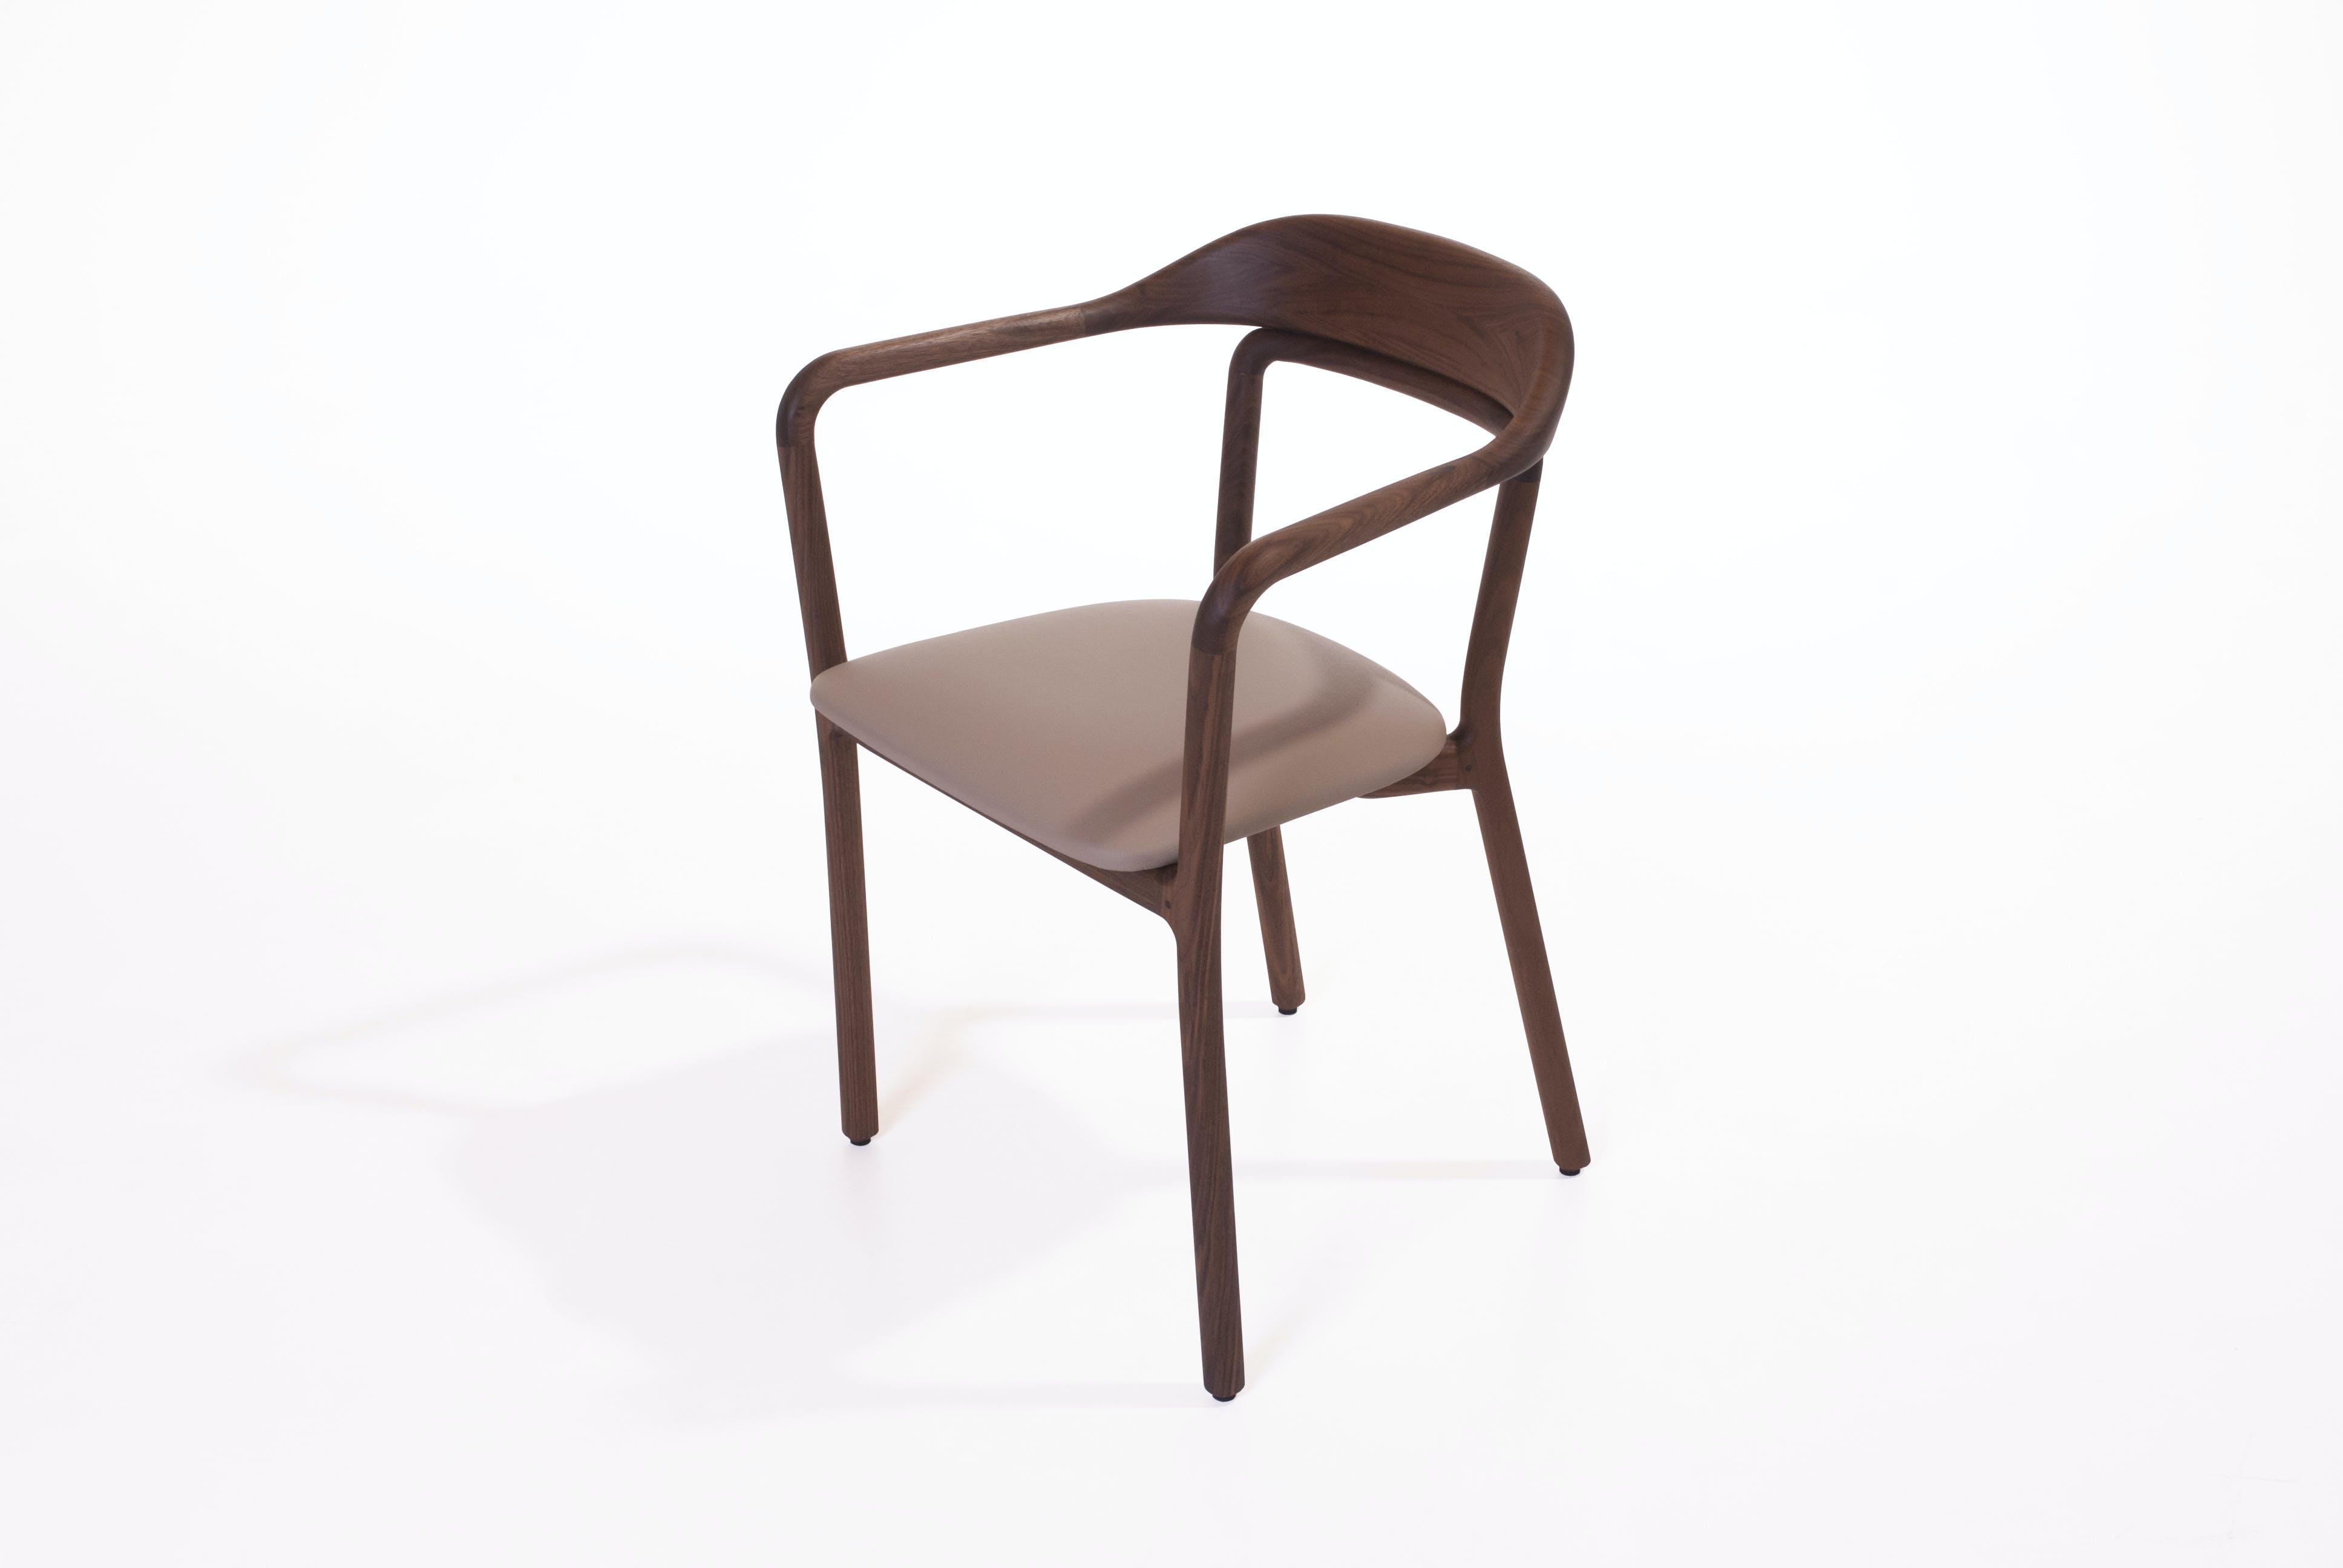 Duet Upholstered Chair Walnut